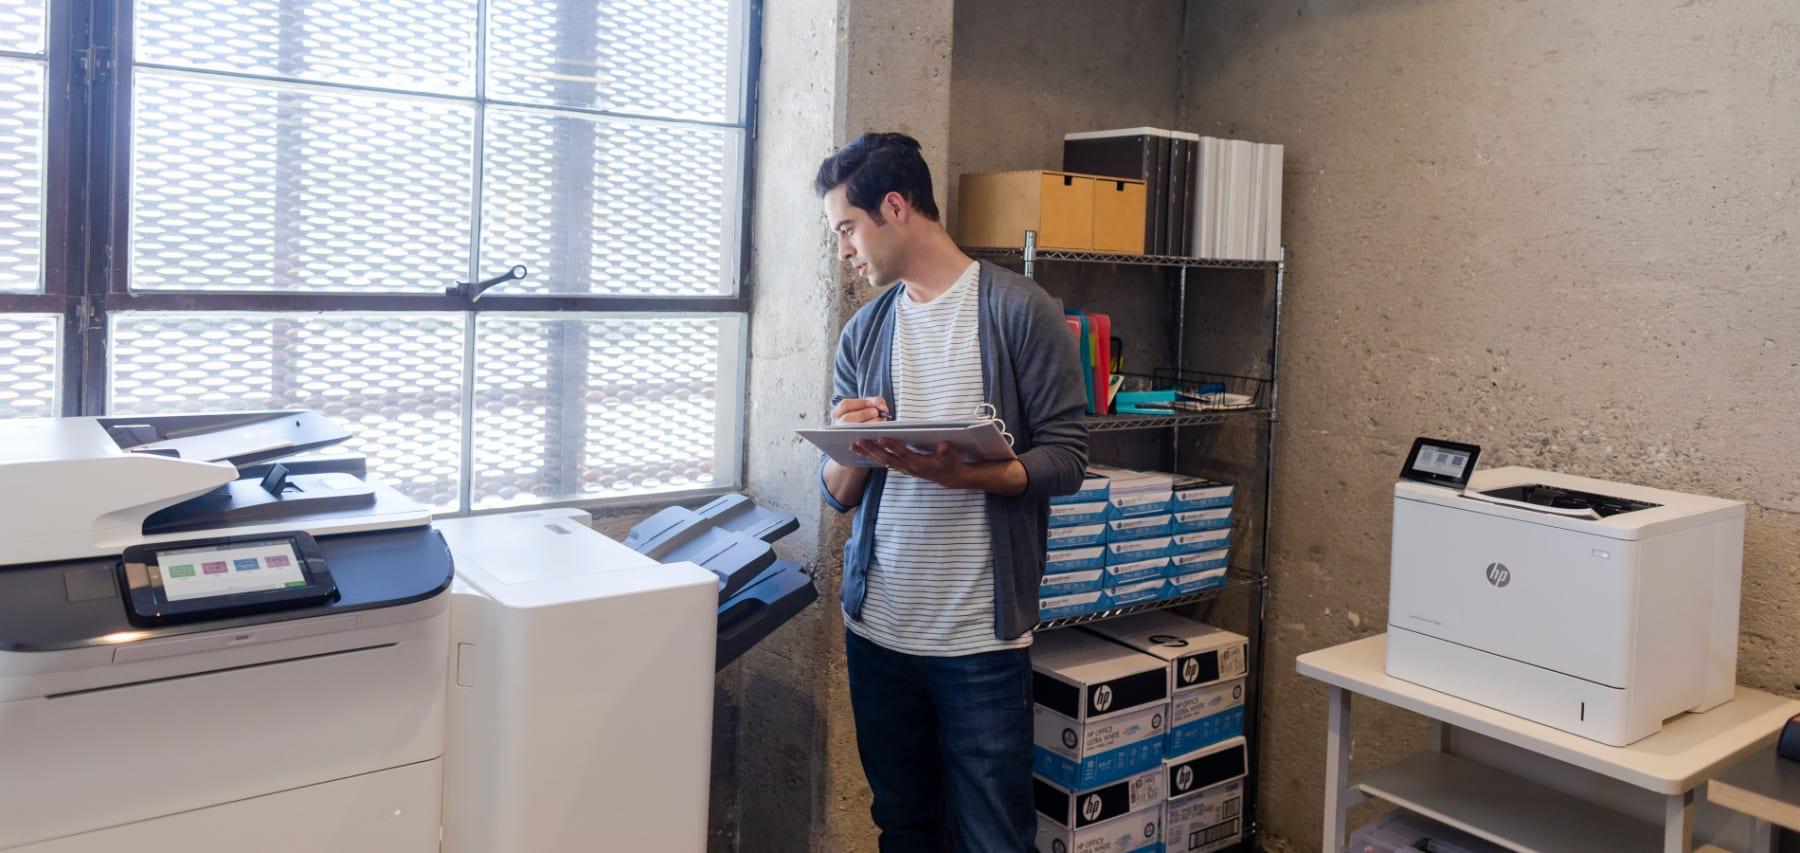 Drucker leasen - mehr als eine Alternative